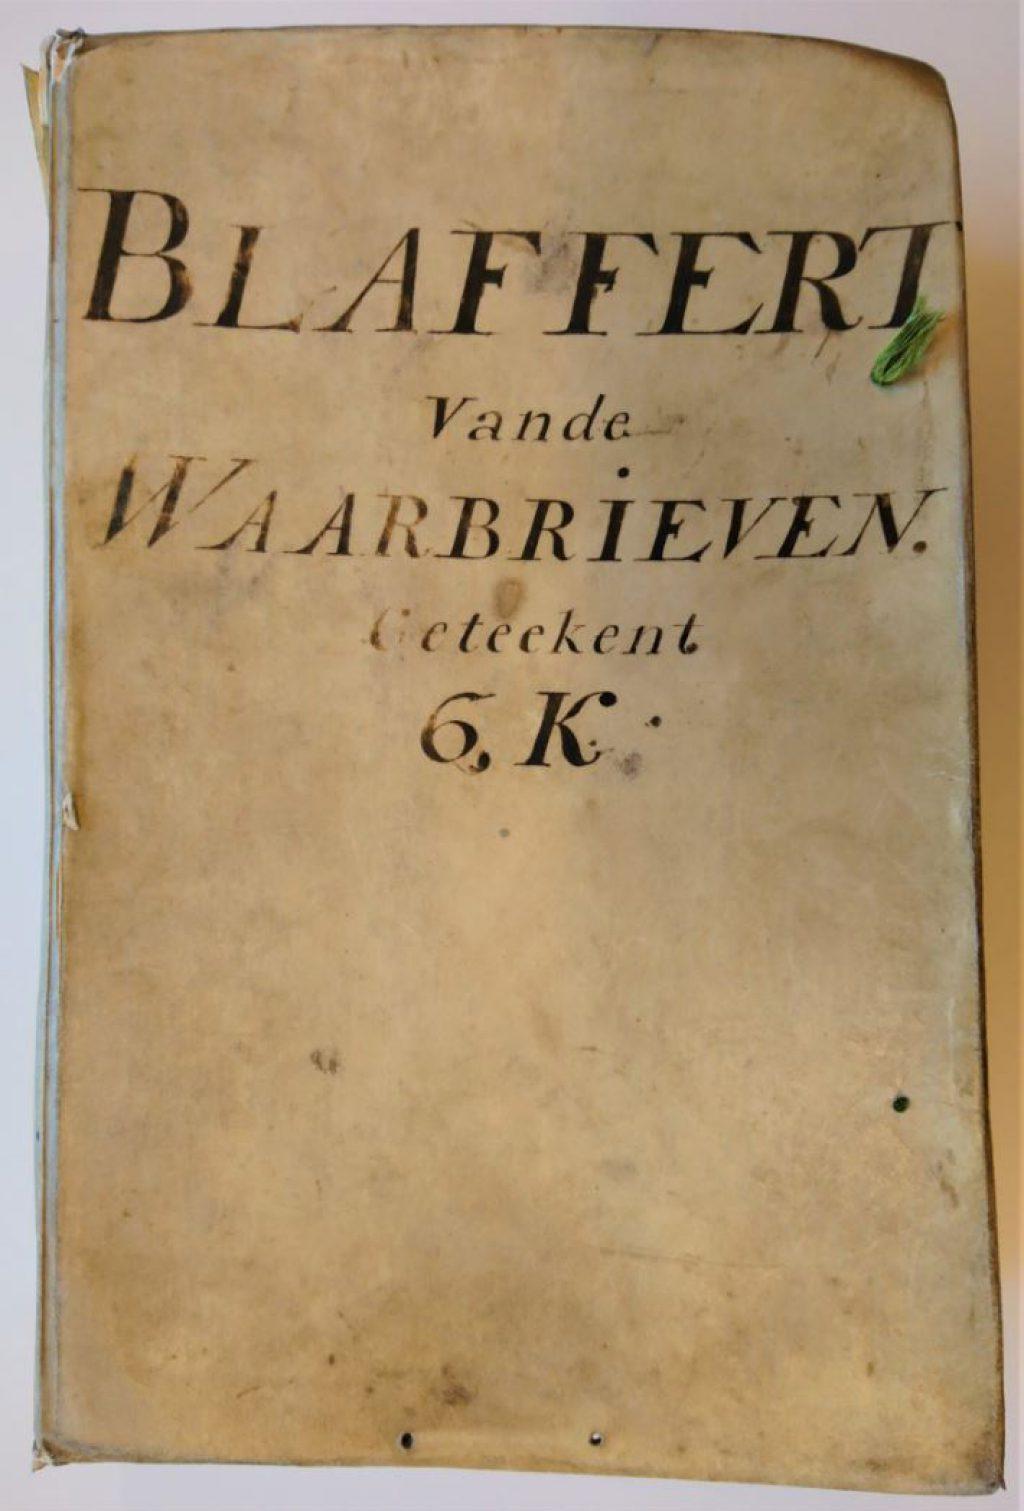 De 'blaffert' van de waarbrieven, deel 6K, 1739. (Archief 1, inv.nr 2299)